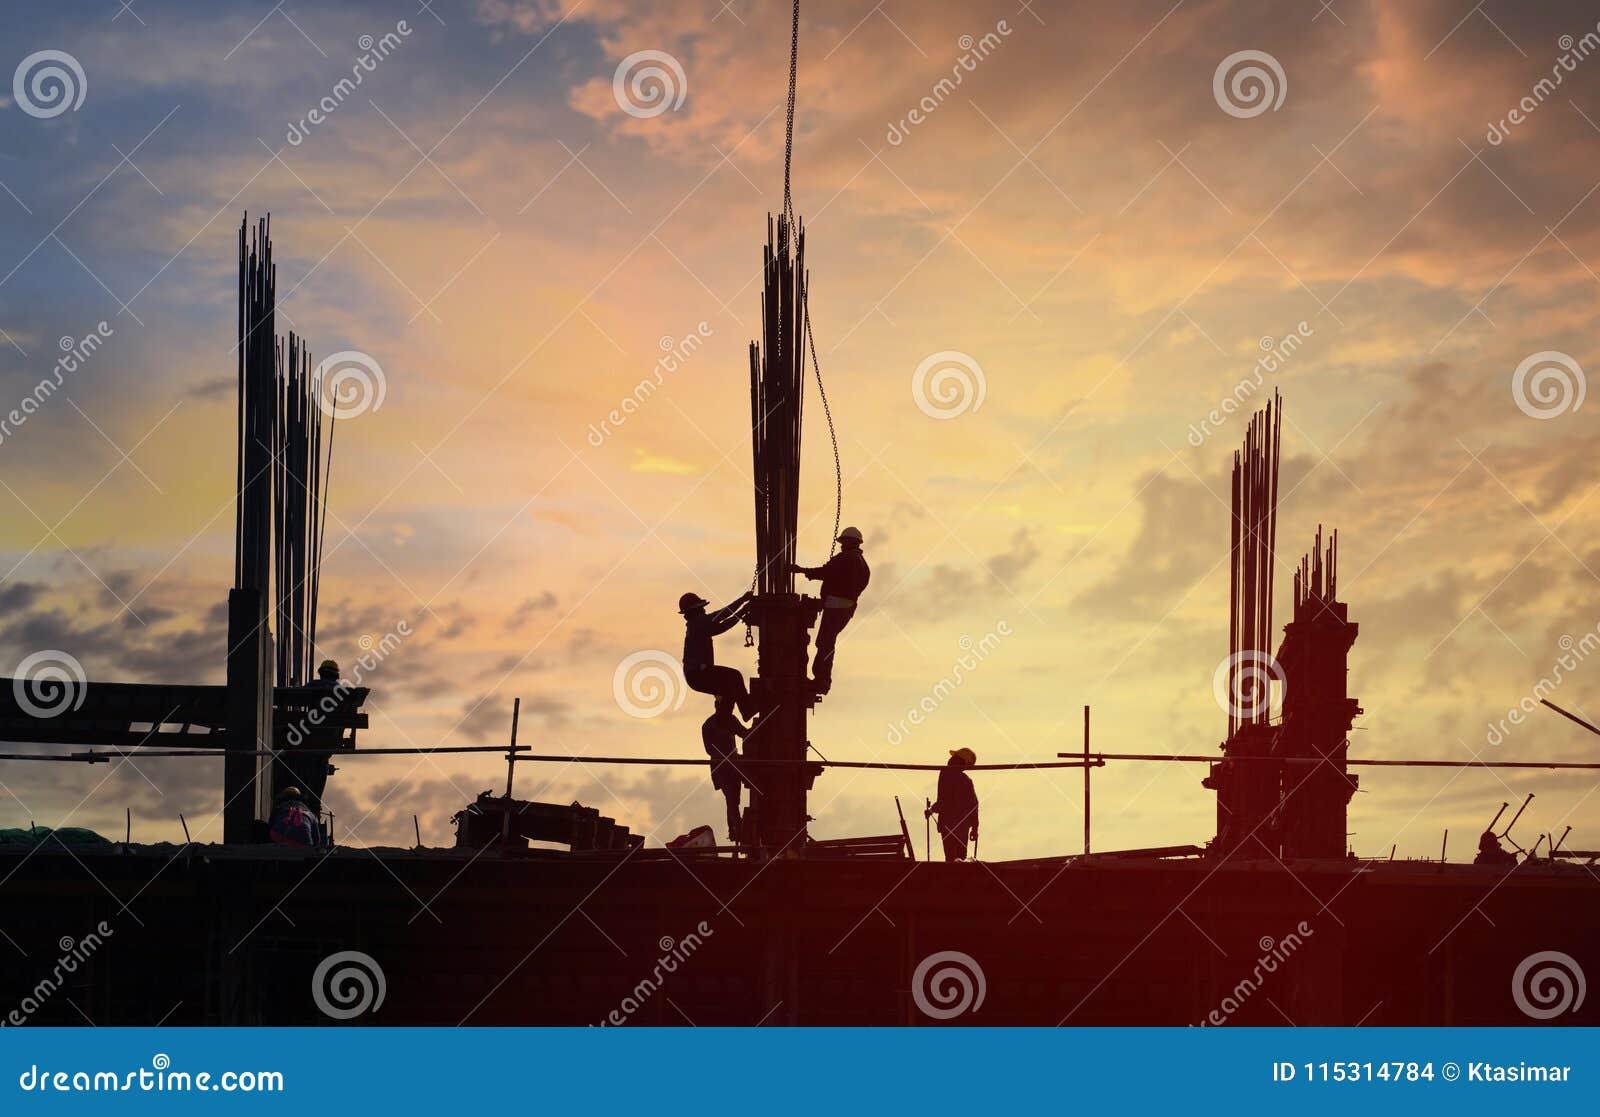 Sito della costruzione di edifici in siluetta